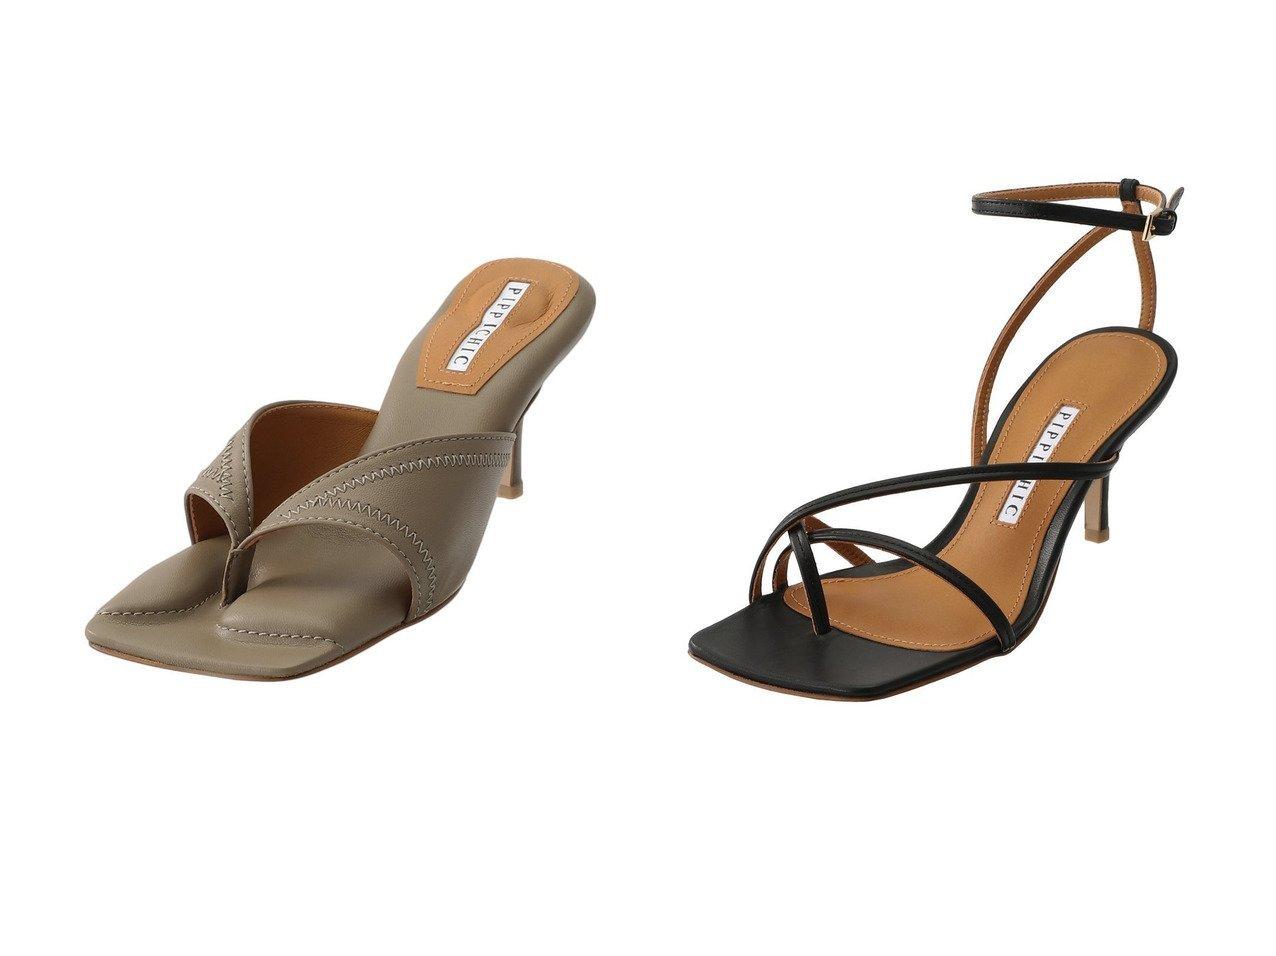 【Pippichic/ピッピシック】のLINDA NUDE ストラップサンダル&スクエアトゥトングミュール シューズ・靴のおすすめ!人気トレンド・レディースファッションの通販 おすすめで人気のファッション通販商品 インテリア・家具・キッズファッション・メンズファッション・レディースファッション・服の通販 founy(ファニー) https://founy.com/ ファッション Fashion レディースファッション WOMEN オケージョン サンダル なめらか ストラップサンダル |ID:crp329100000007769